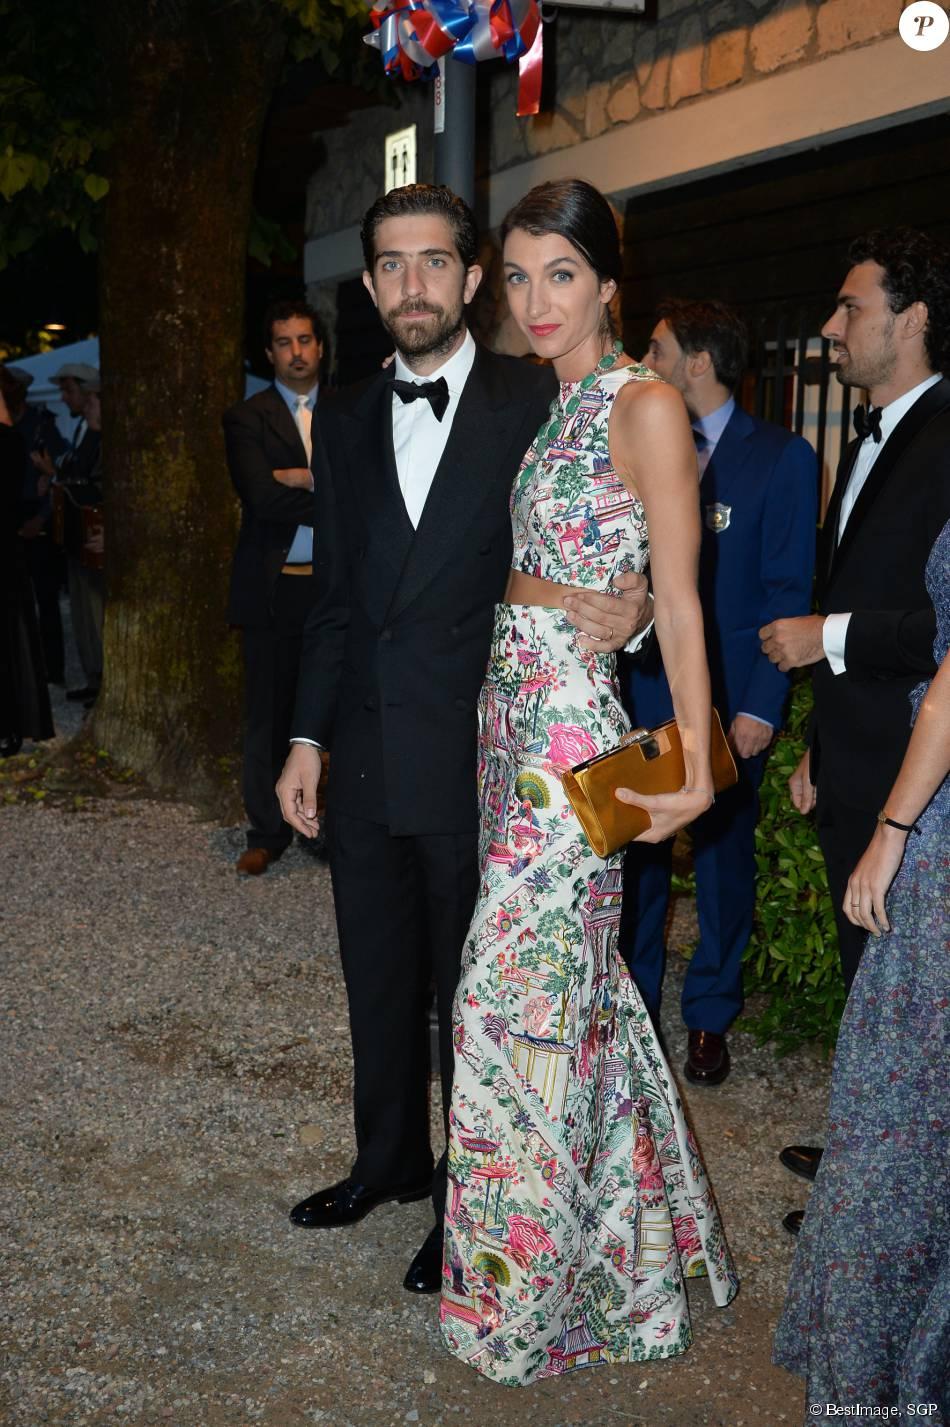 Carlo Borromeo et sa femme Marta Ferri - Arrivées pour la soirée de mariage de Pierre Casiraghi et Beatrice Borromeo au château Rocca Angera (château appartenant à la famille Borromeo) à Angera sur les Iles Borromées, sur le Lac Majeur, le 1er août 2015.